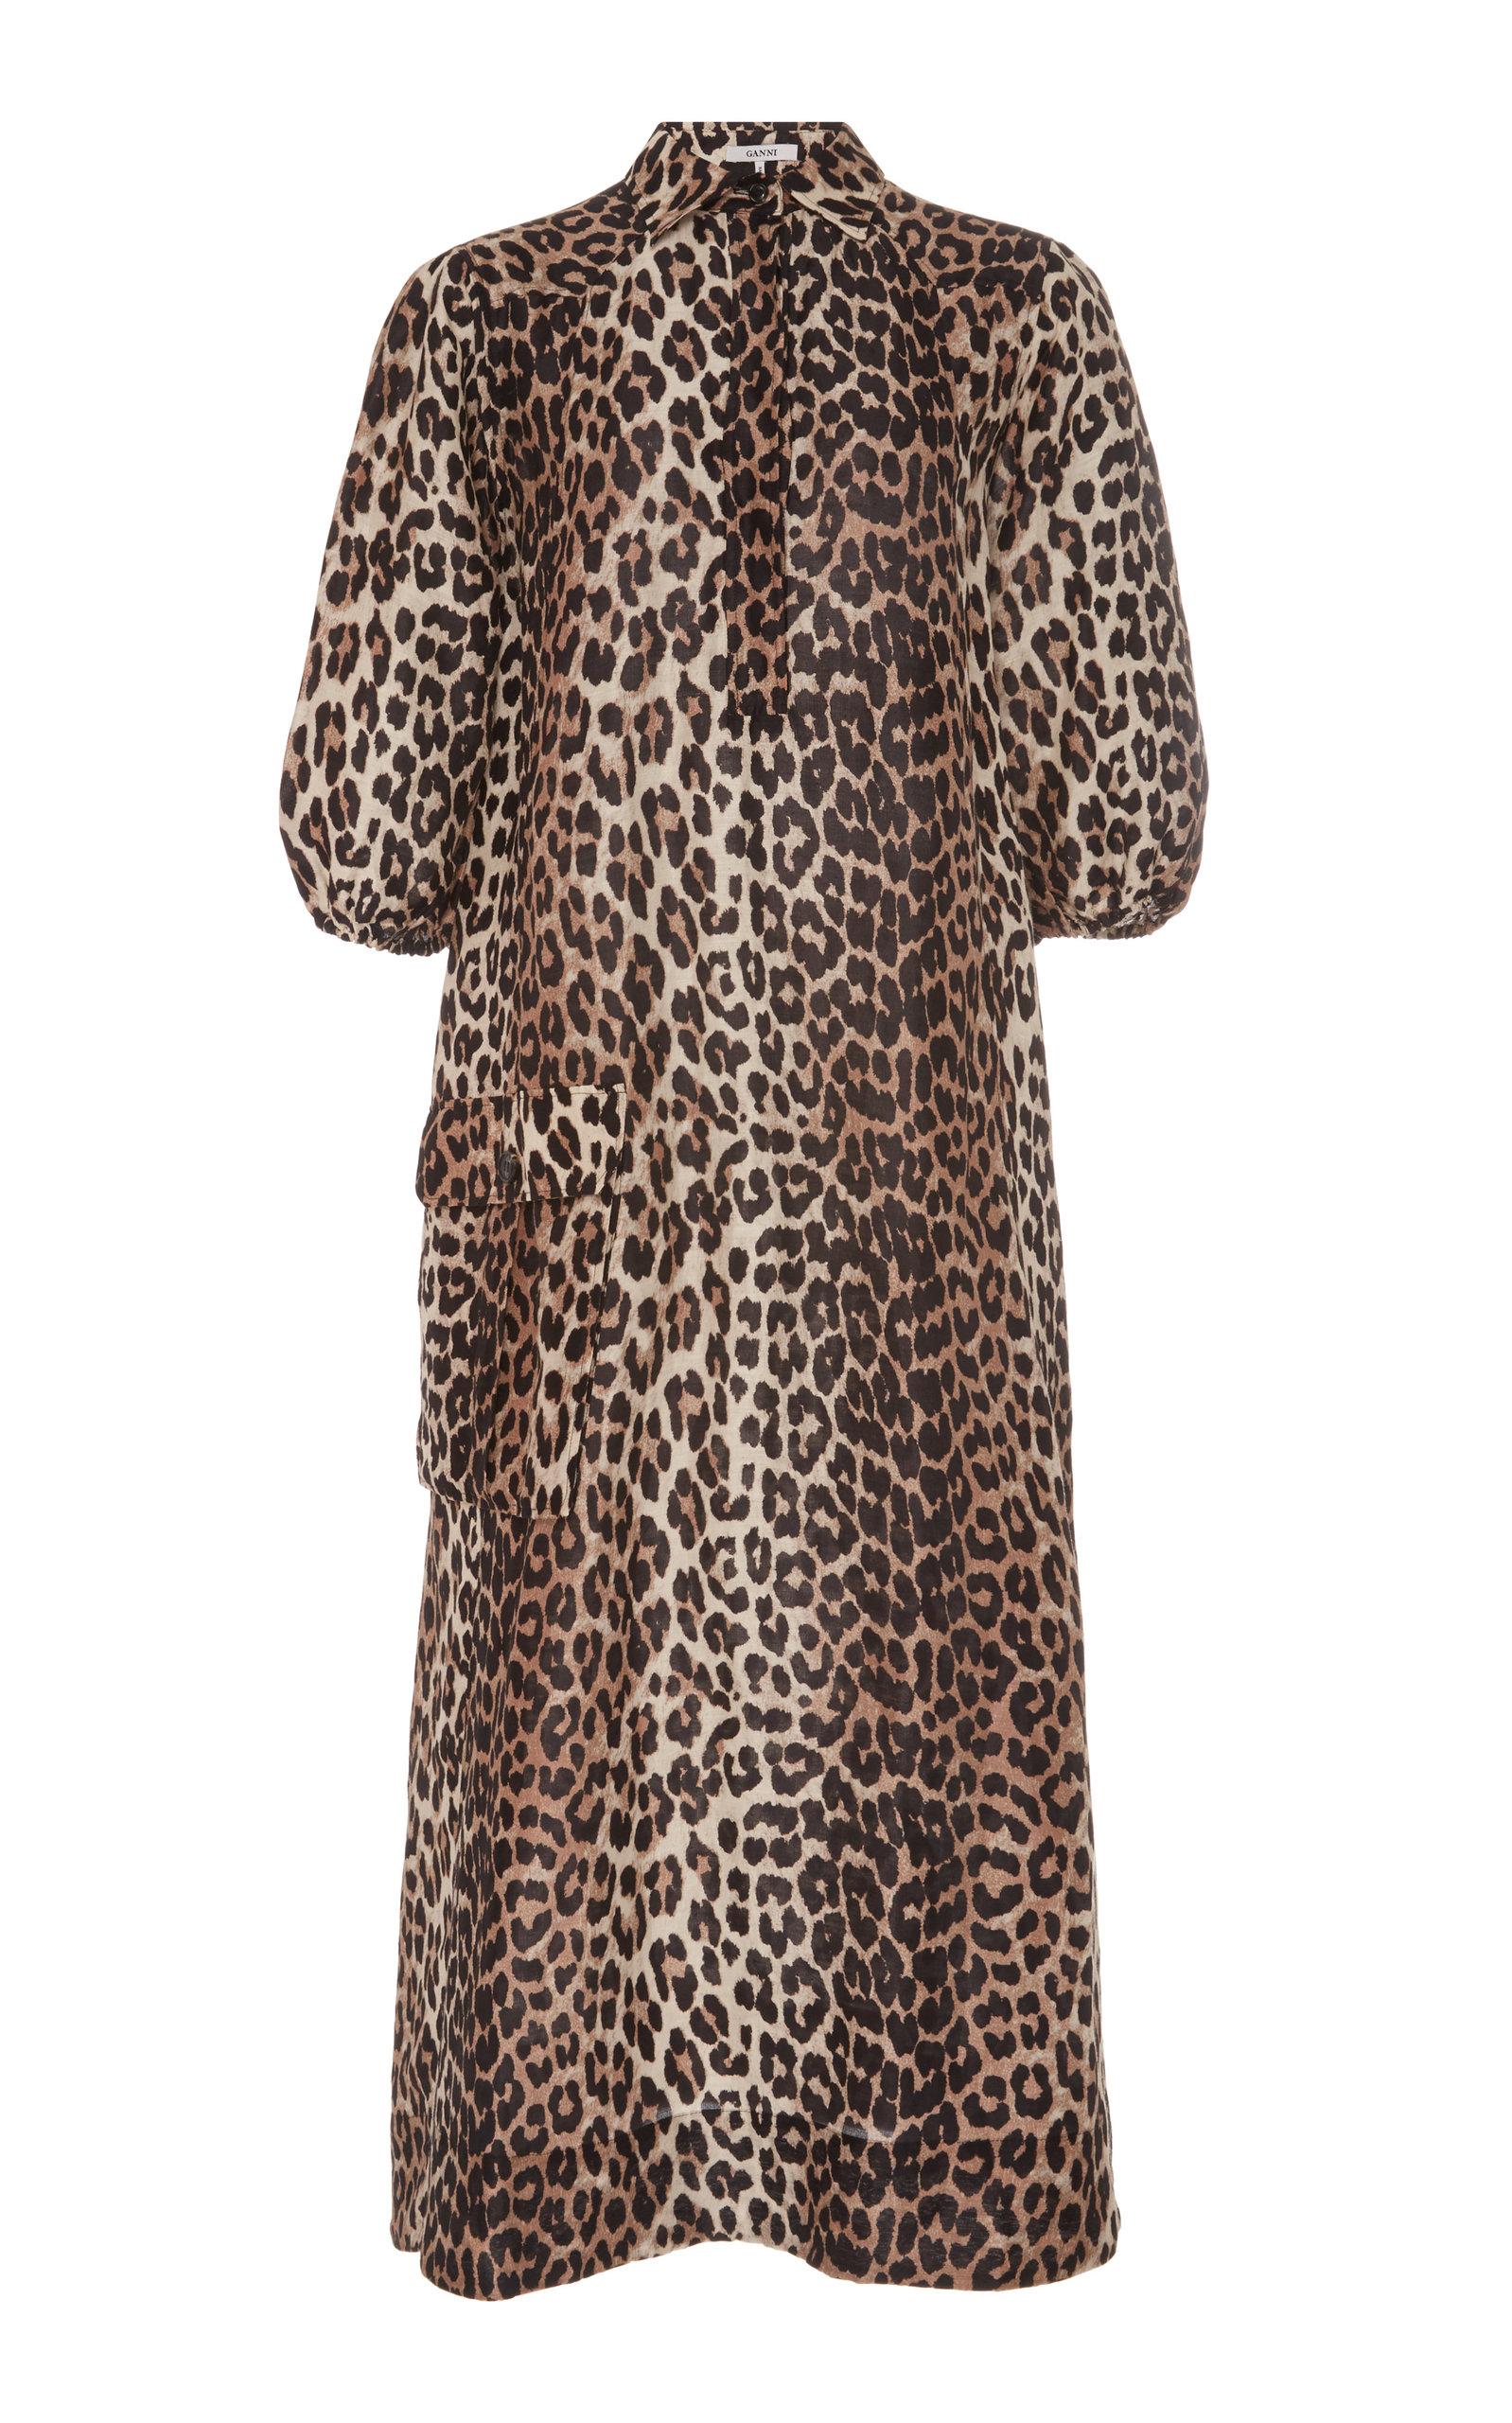 6c5dfd43 Leopard-Print Linen And Silk-Blend Midi Dress by Ganni   Moda Operandi